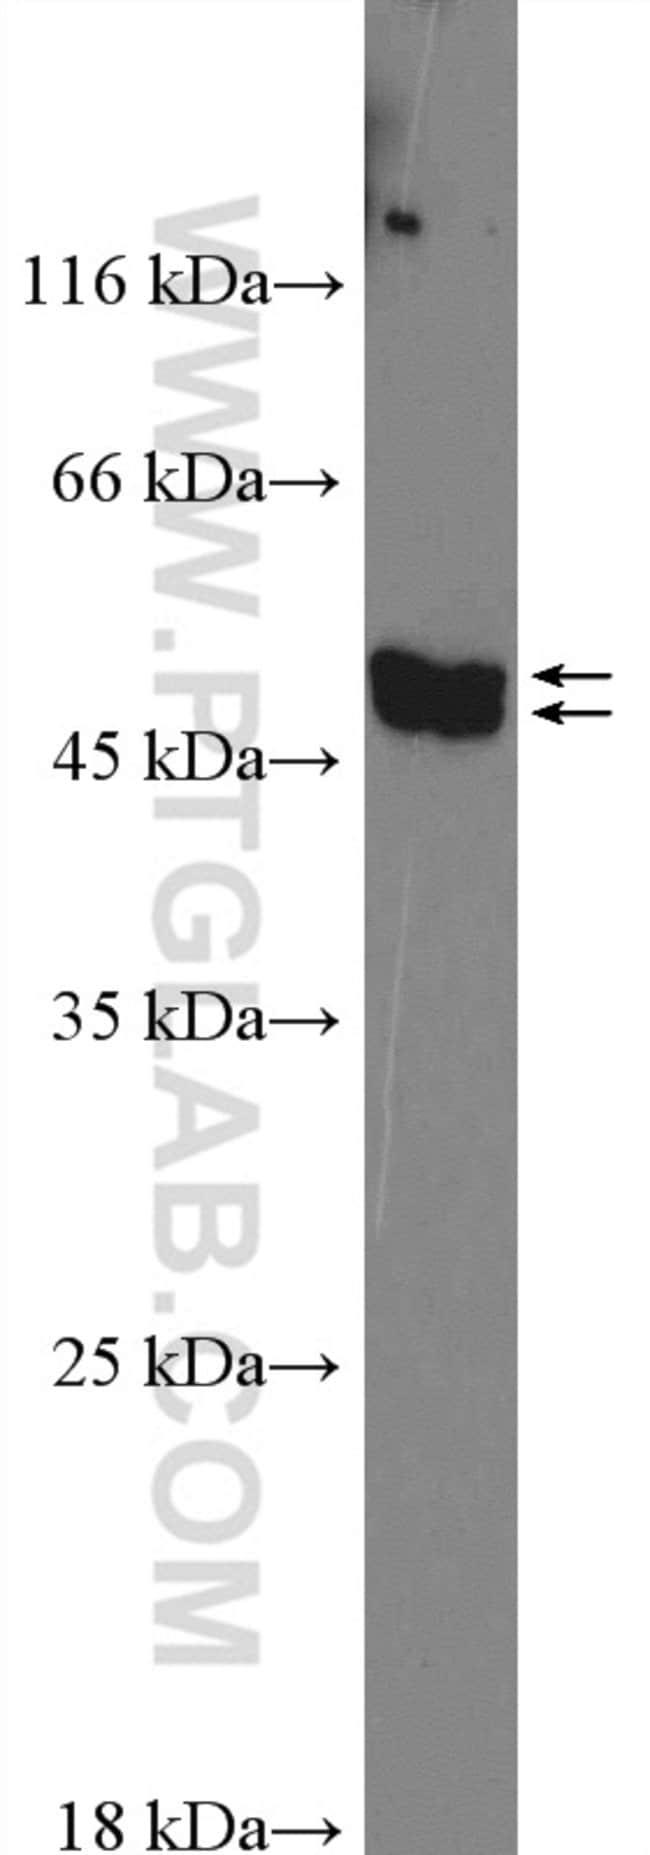 FAM126A Rabbit anti-Human, Polyclonal, Proteintech 20 μL; Unconjugated voir les résultats